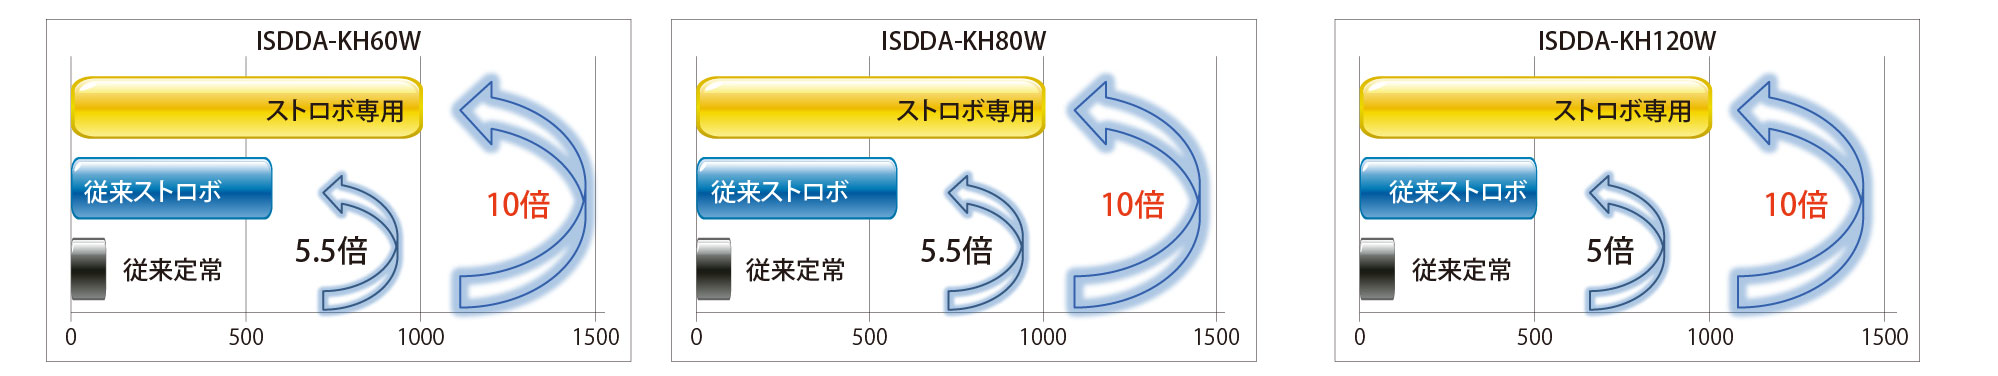 IS Product Description 03